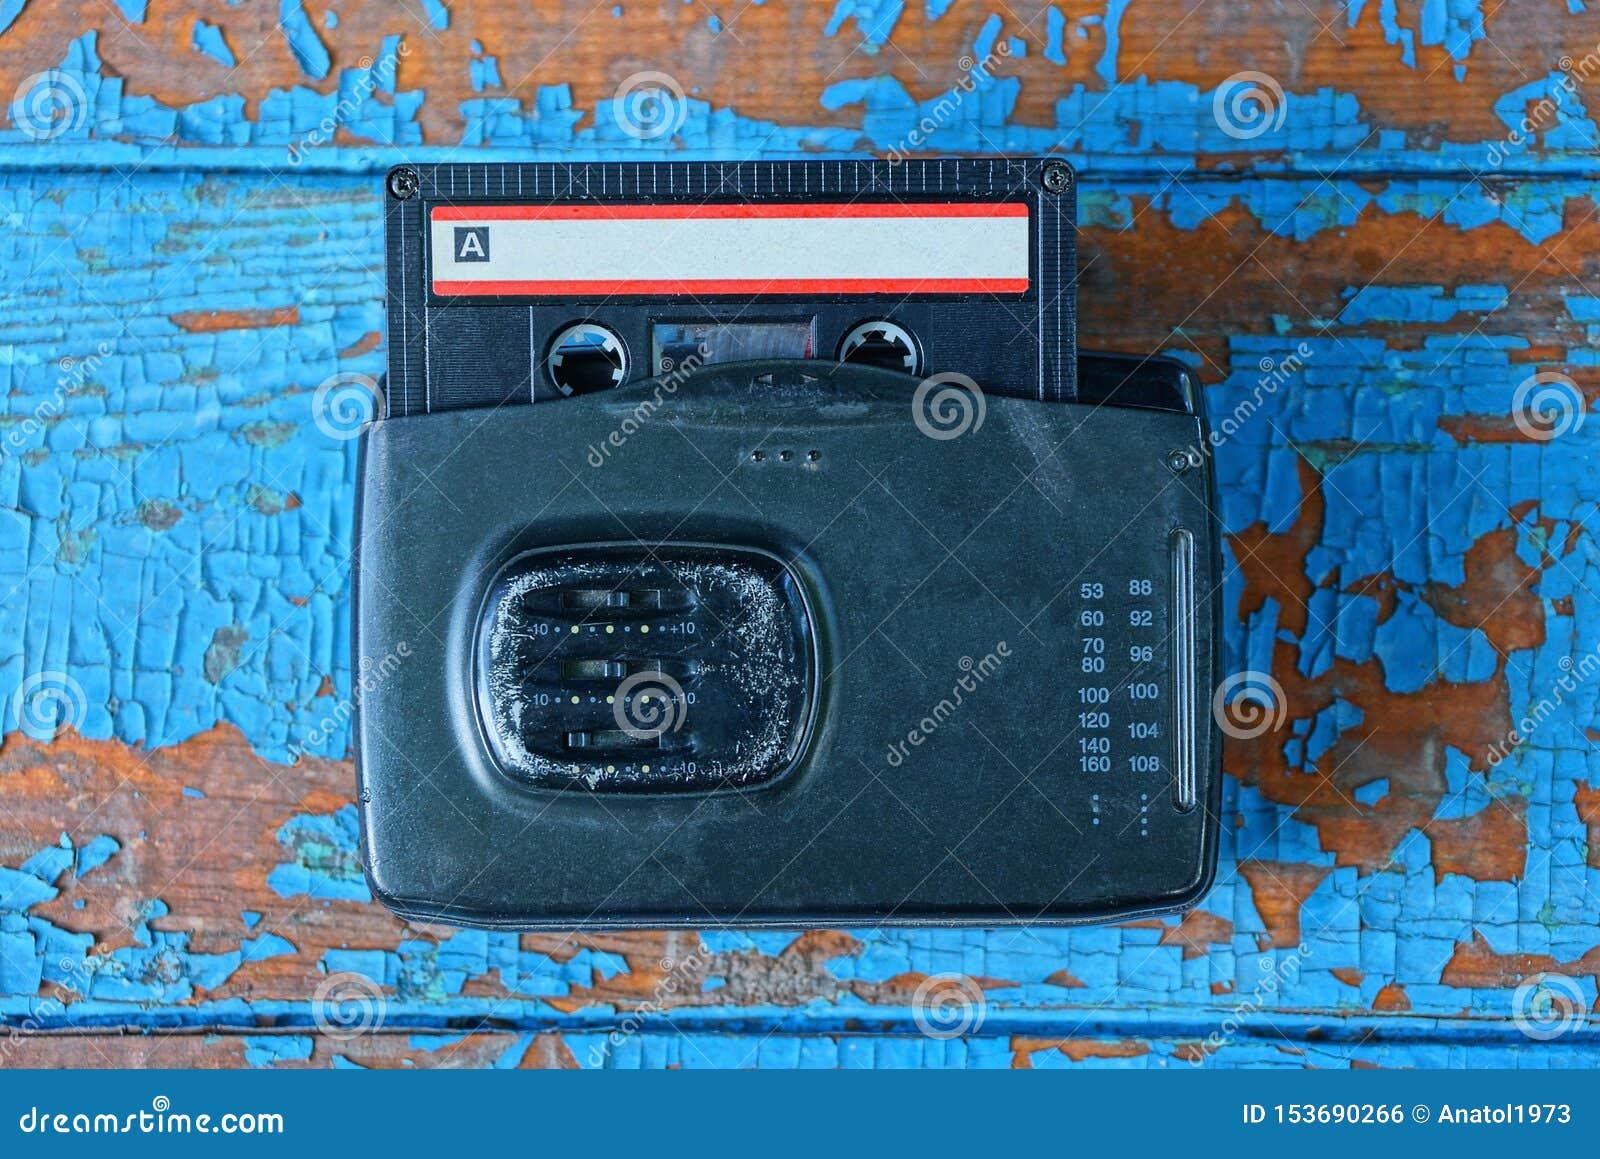 Den svarta ljudsignal spelaren med en kassett ligger på en sliten blå tabell